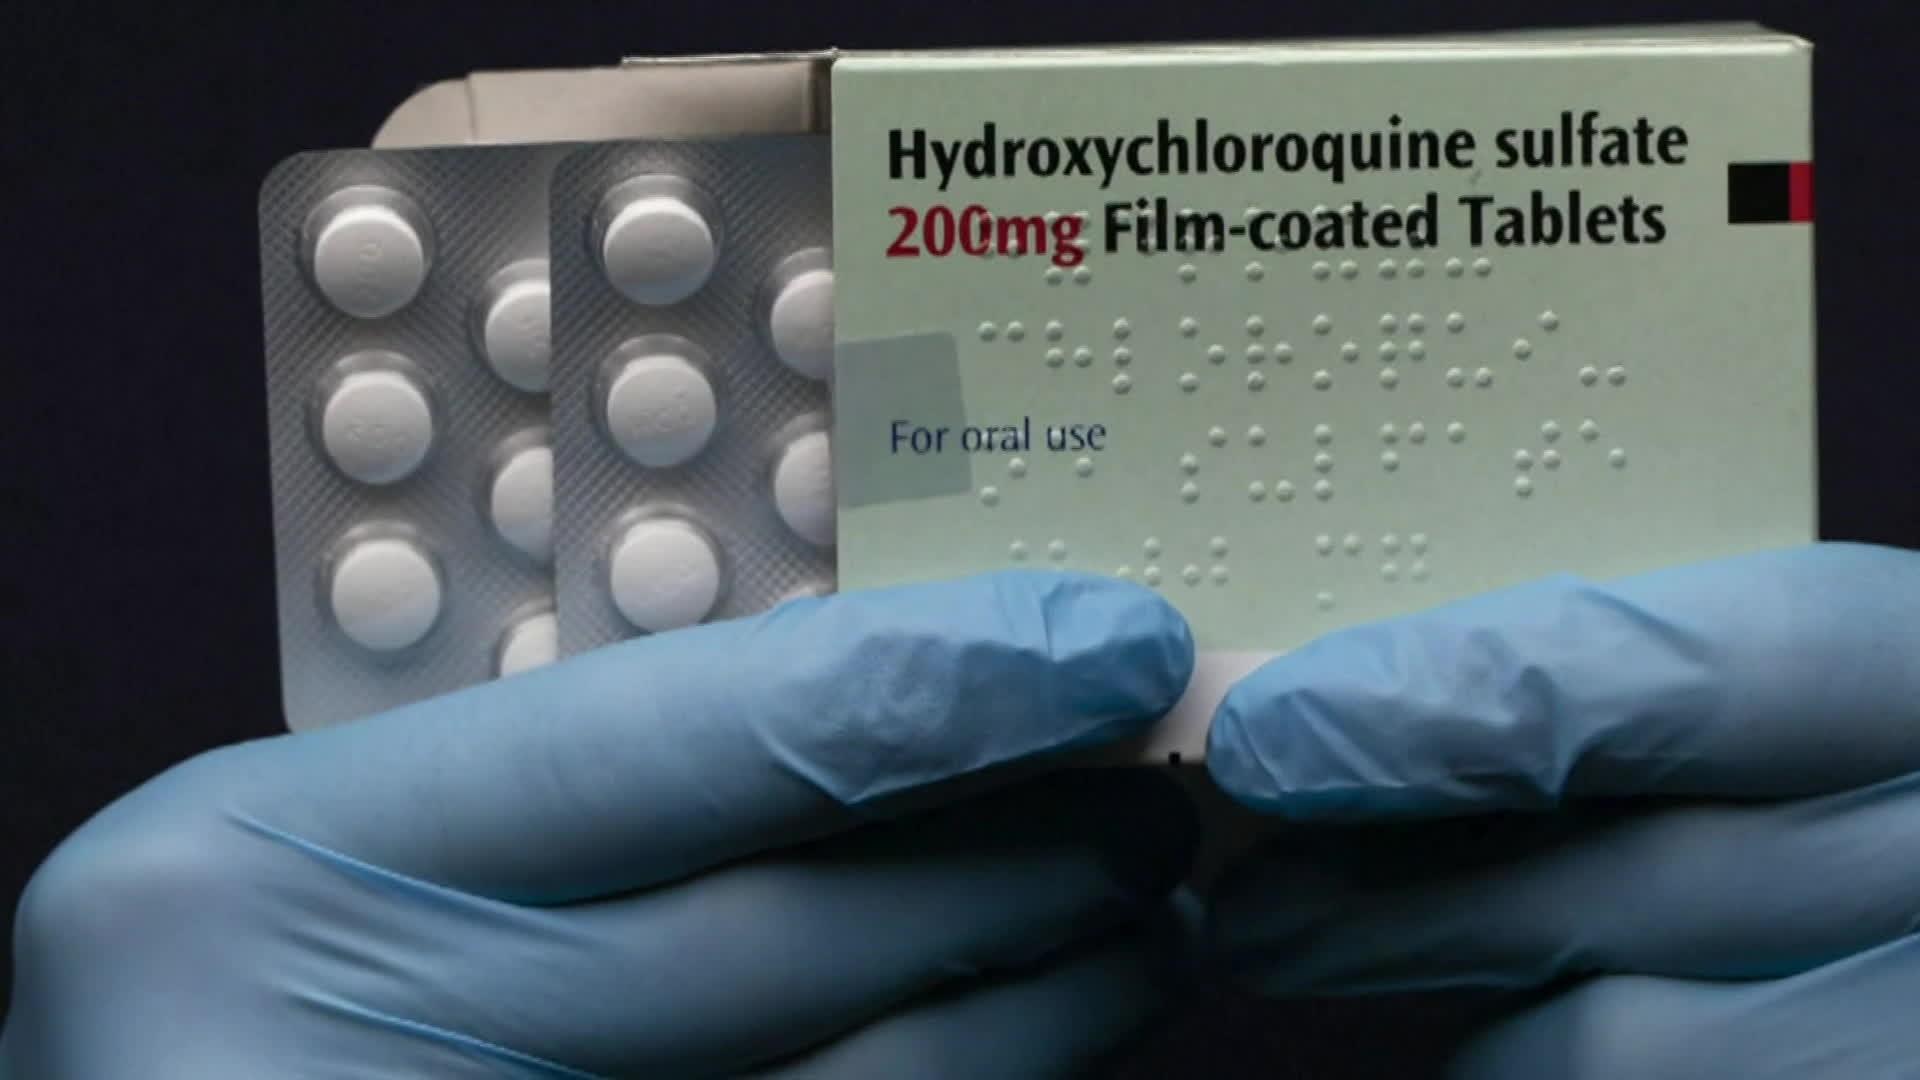 Estudo com 821 pacientes não encontra prova de eficácia da hidroxicloroquina na prevenção da Covid-19, dizem jornais